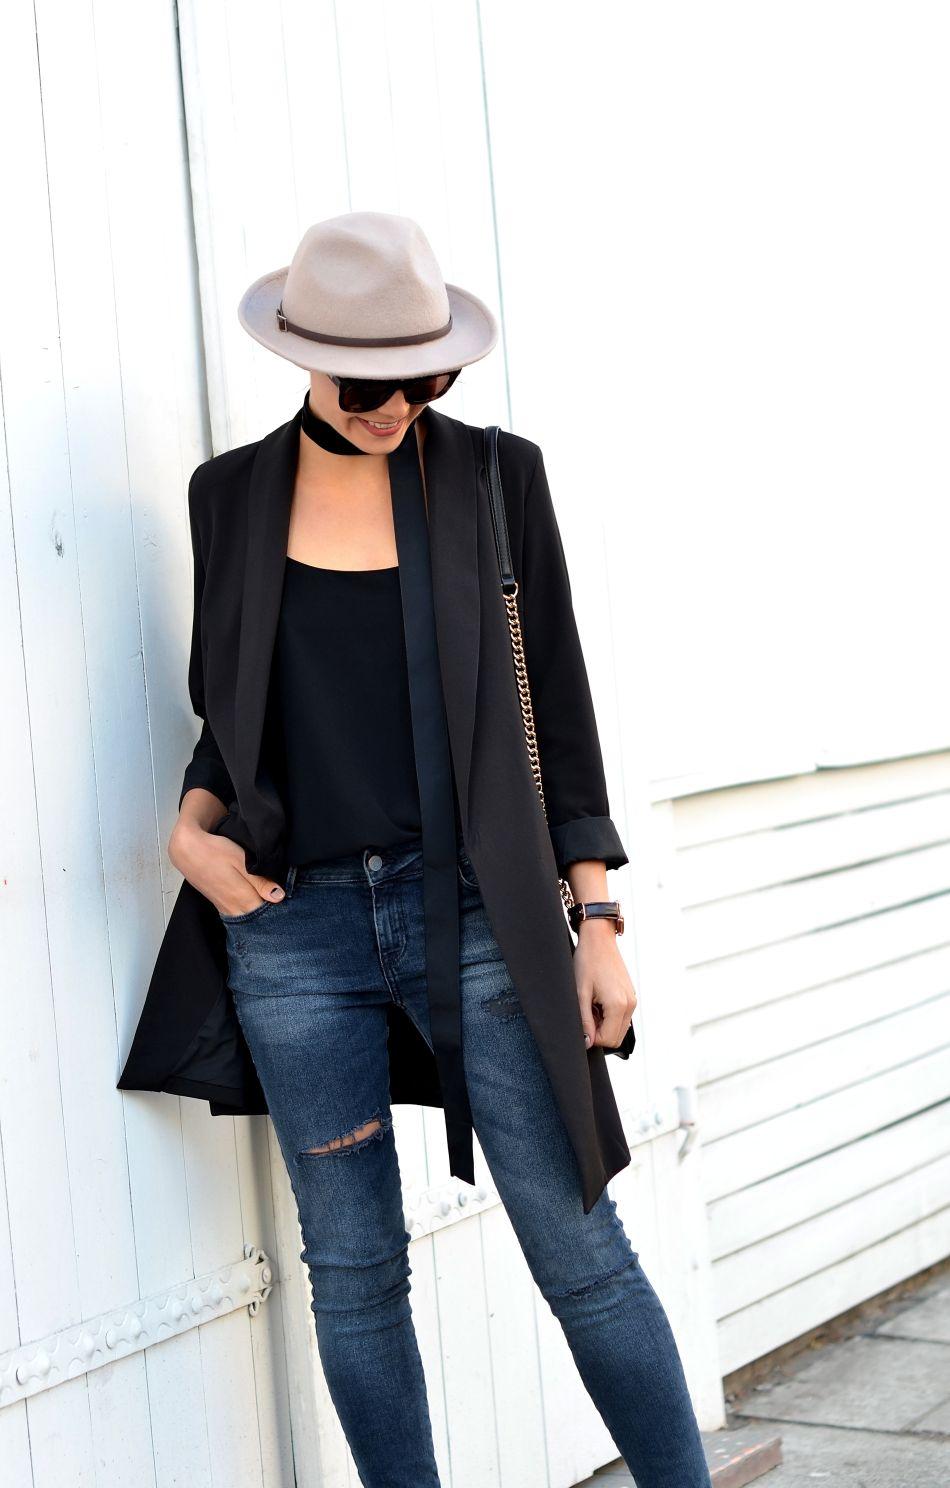 blogi o modzie | blogerka modowa | blogi o modzie | cammy blog